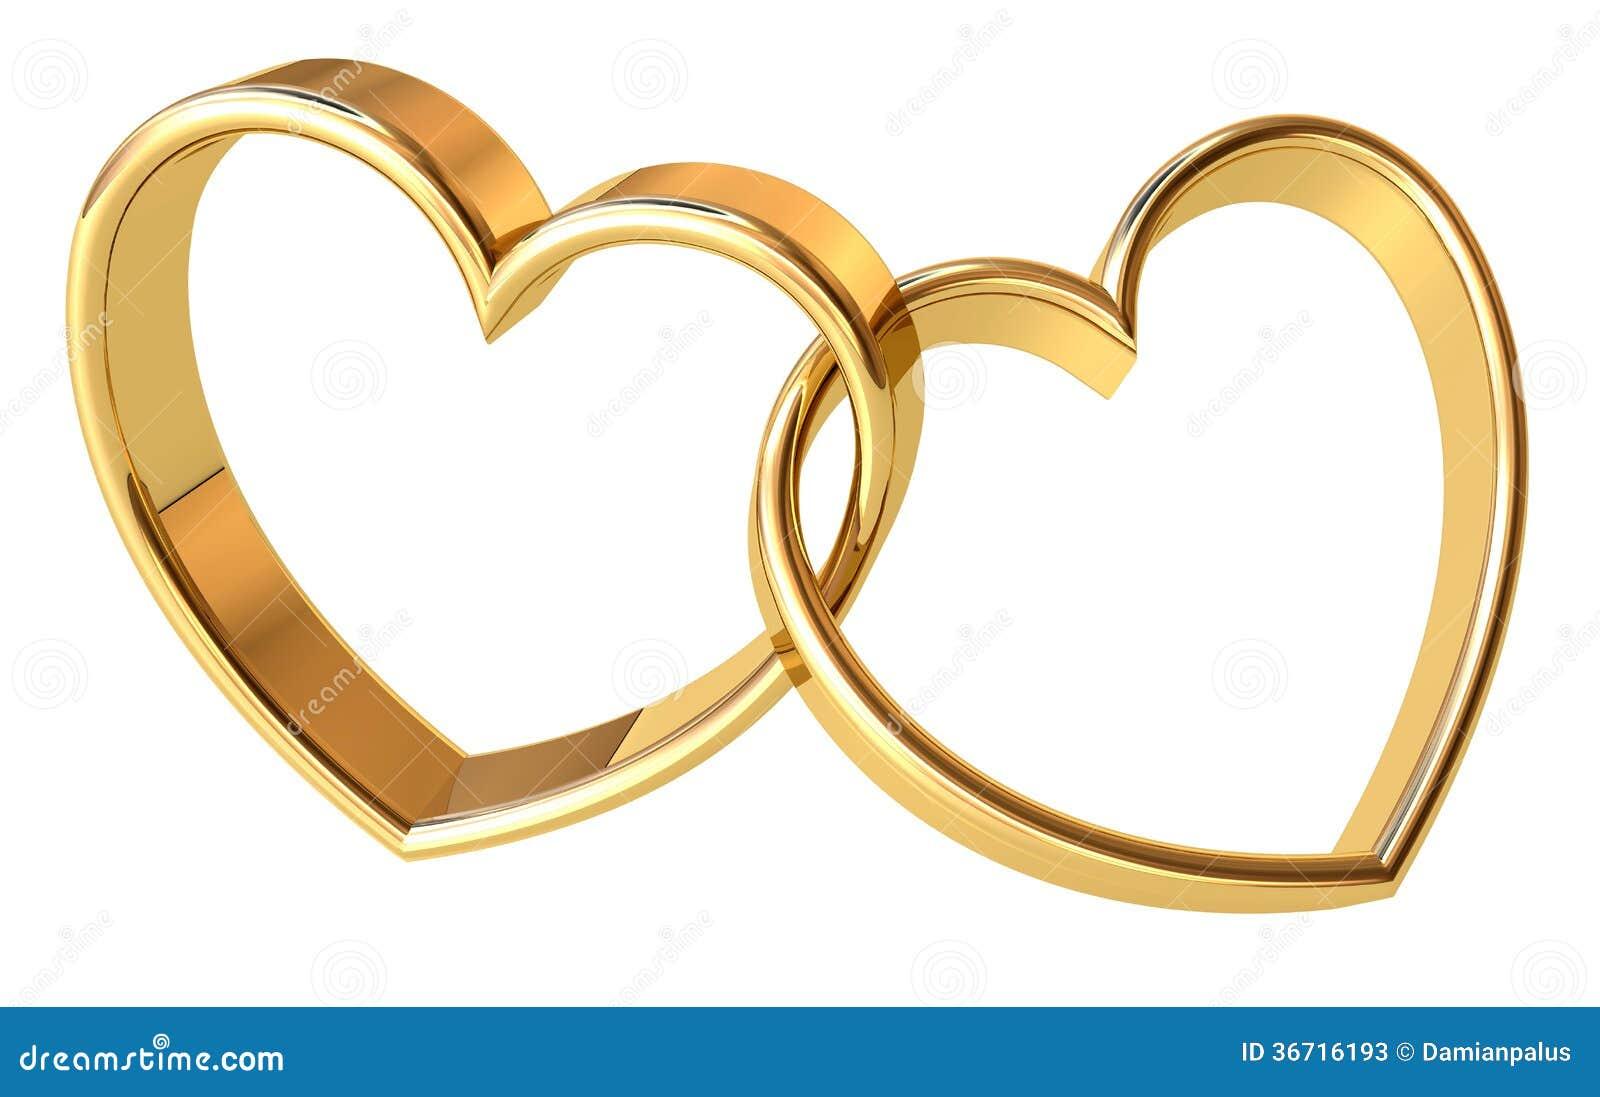 P O Rings